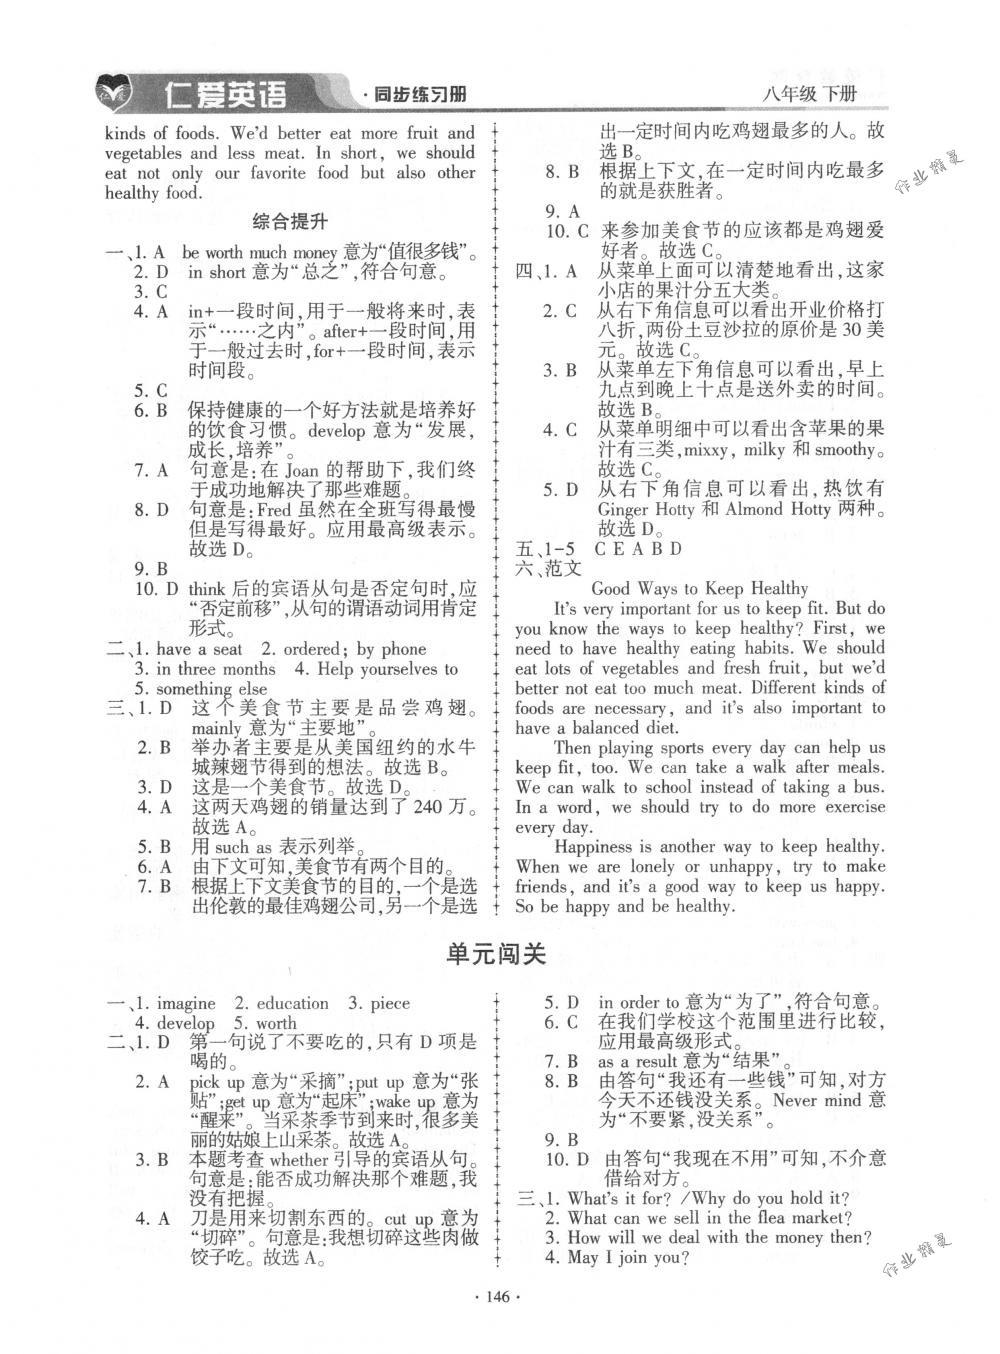 2018年仁爱英语同步练习册八年级英语下册仁爱版第21页